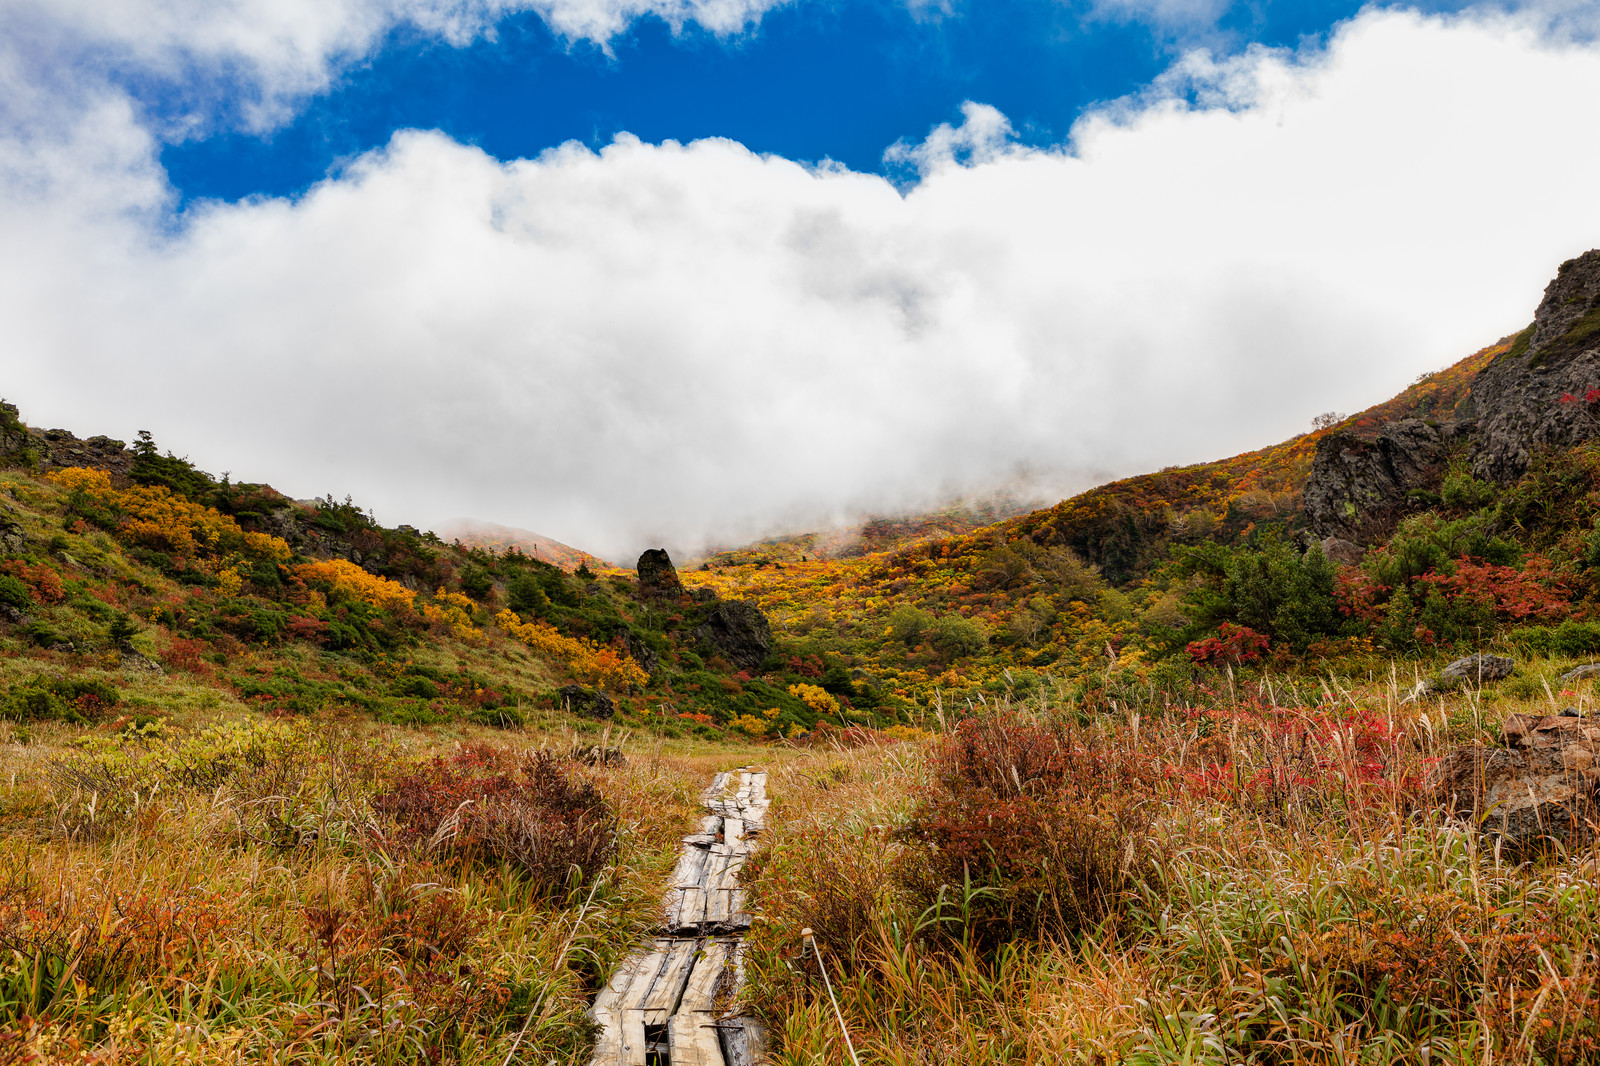 「秋の栗駒山へ続く木道」の写真